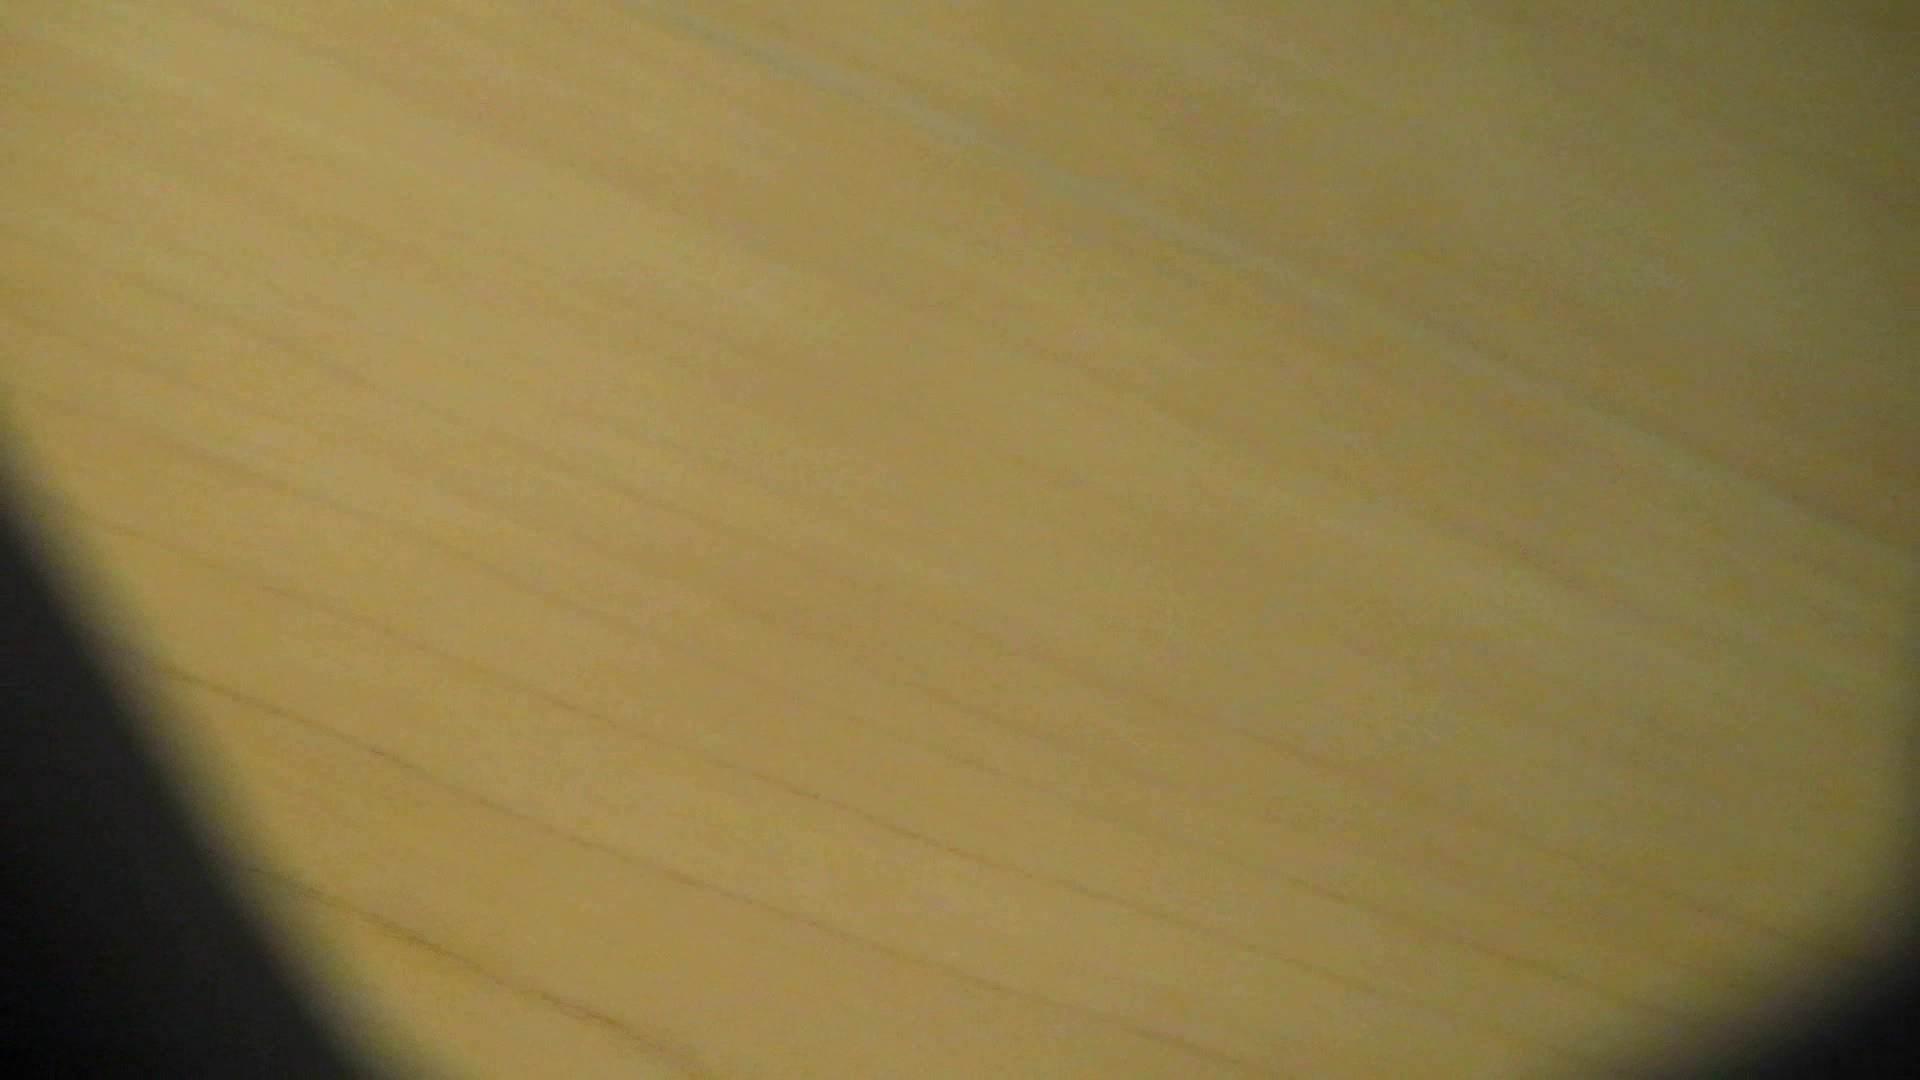 阿国ちゃんの「和式洋式七変化」No.13 丸見え ぱこり動画紹介 46画像 15